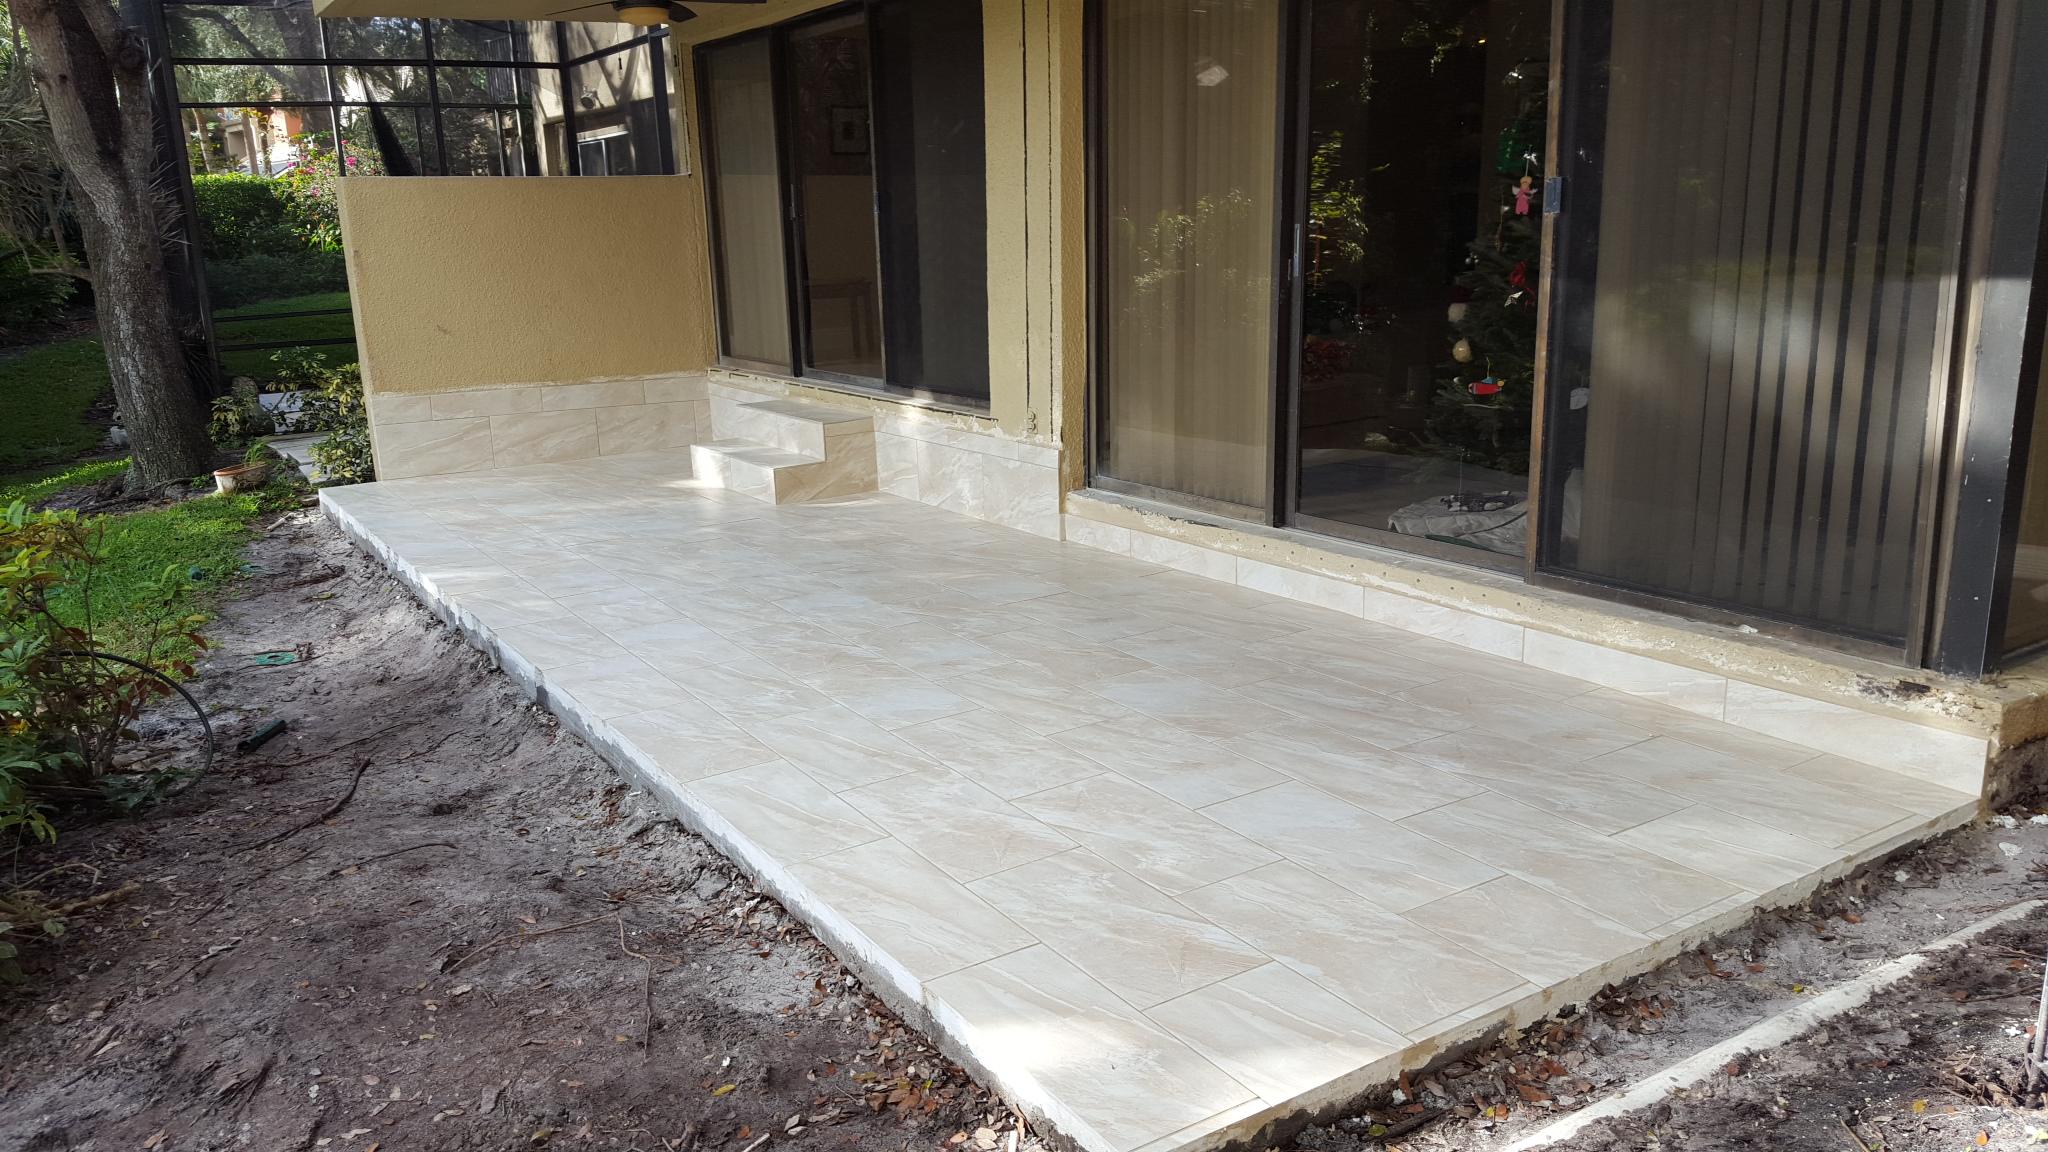 new concrete back porch patio deck